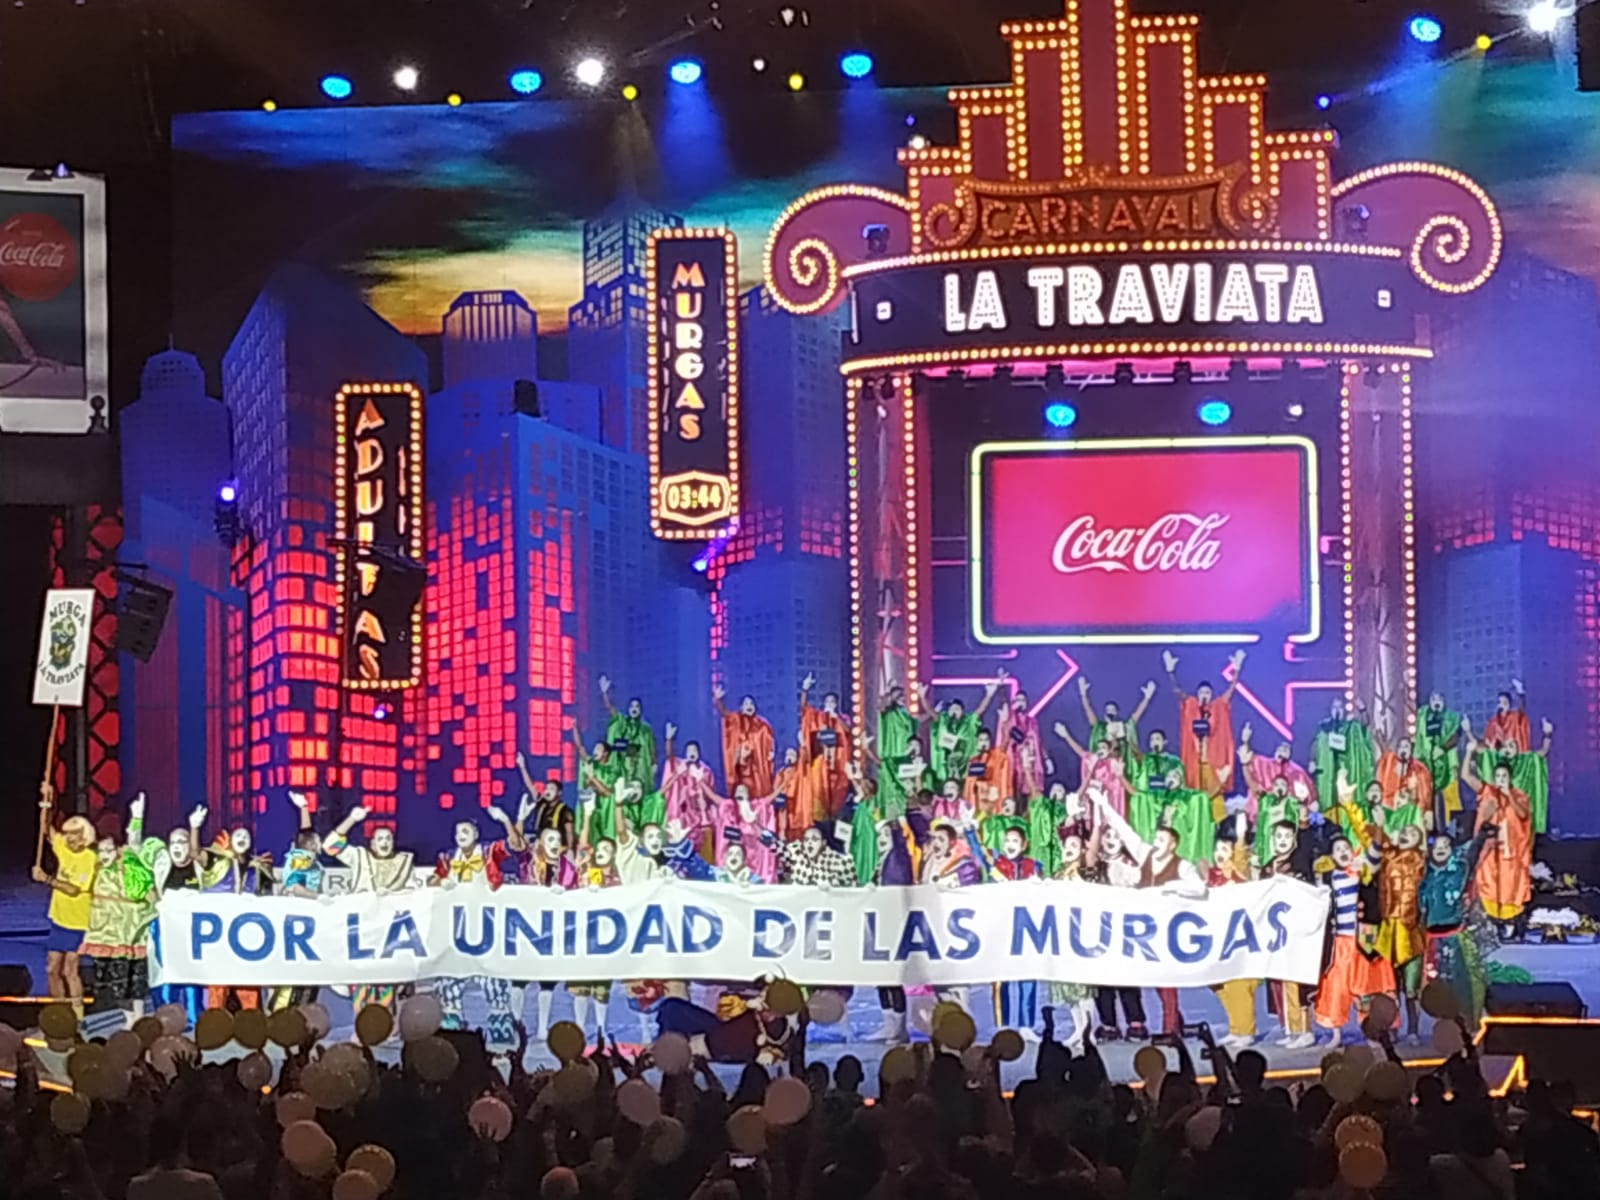 Murga Traviata pidiendo la unidad de los aficionados